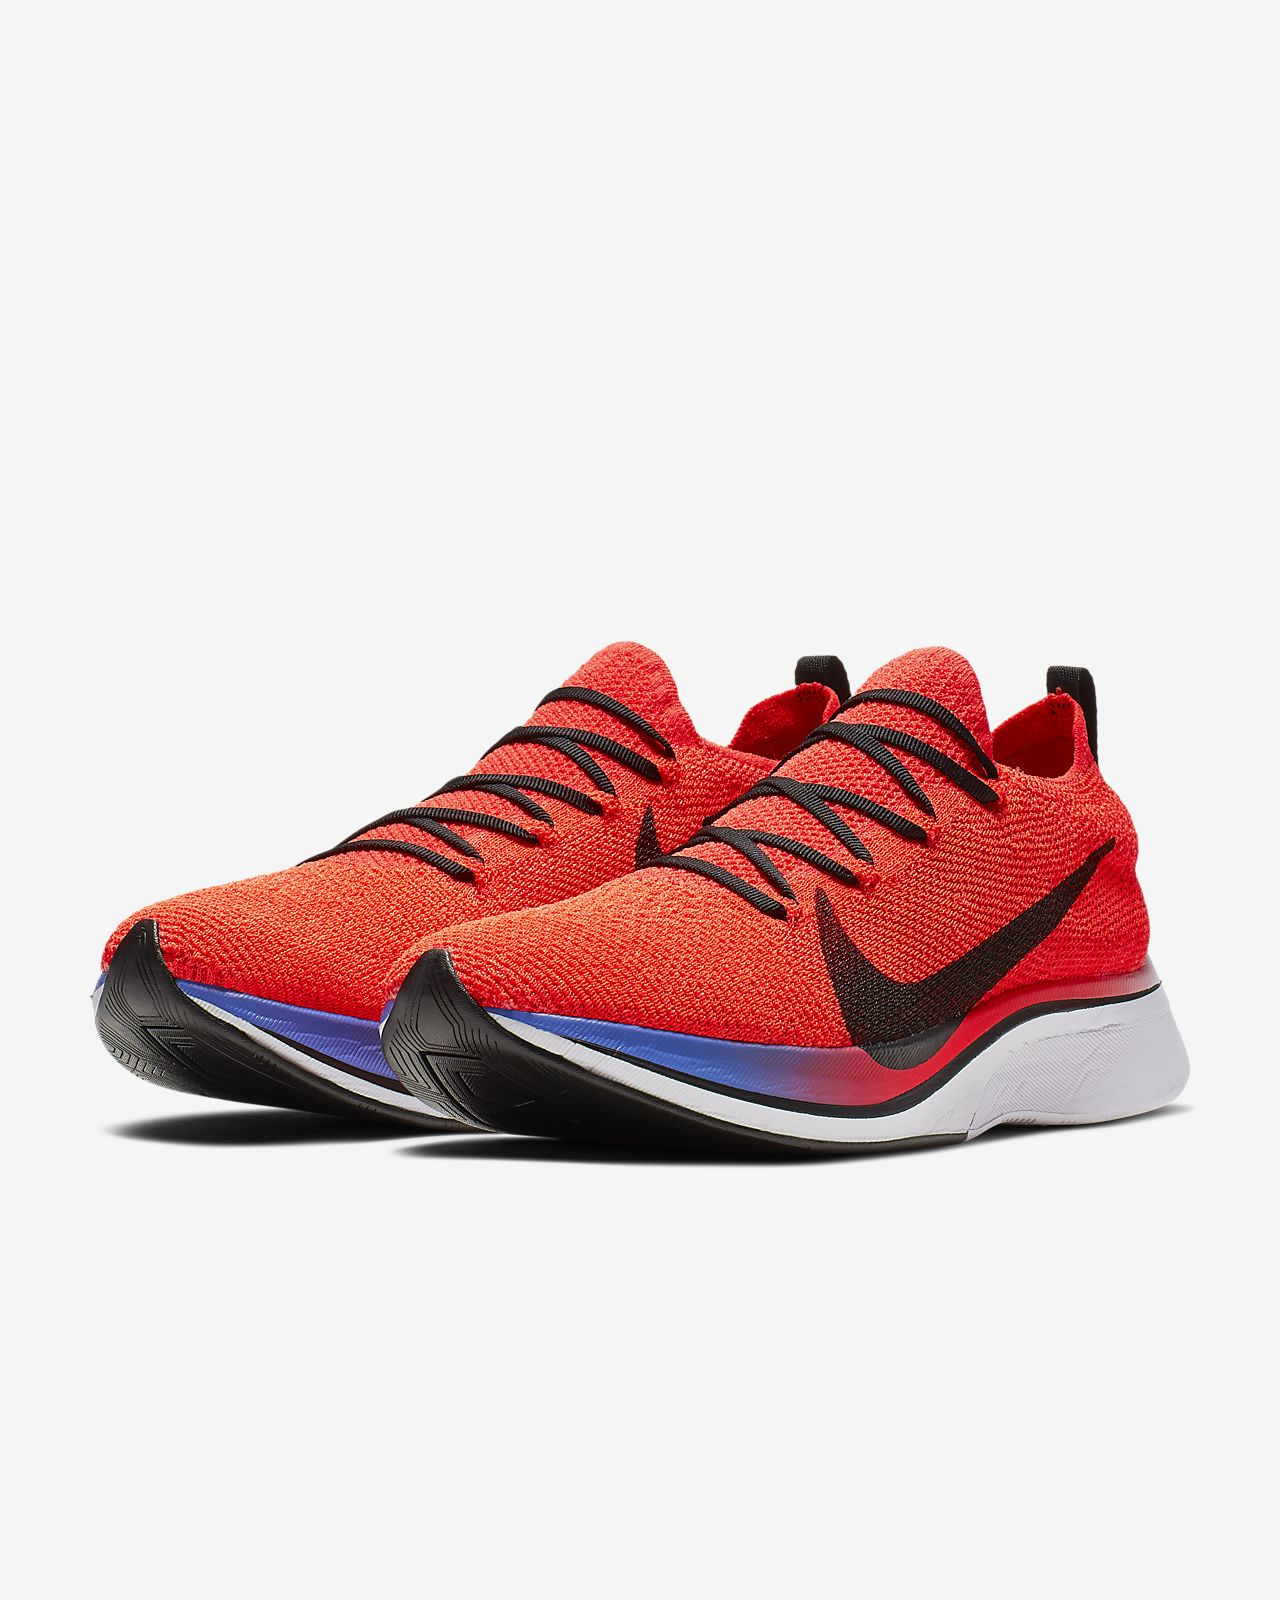 Nike Vaporfly 4% Flyknit Running Shoe